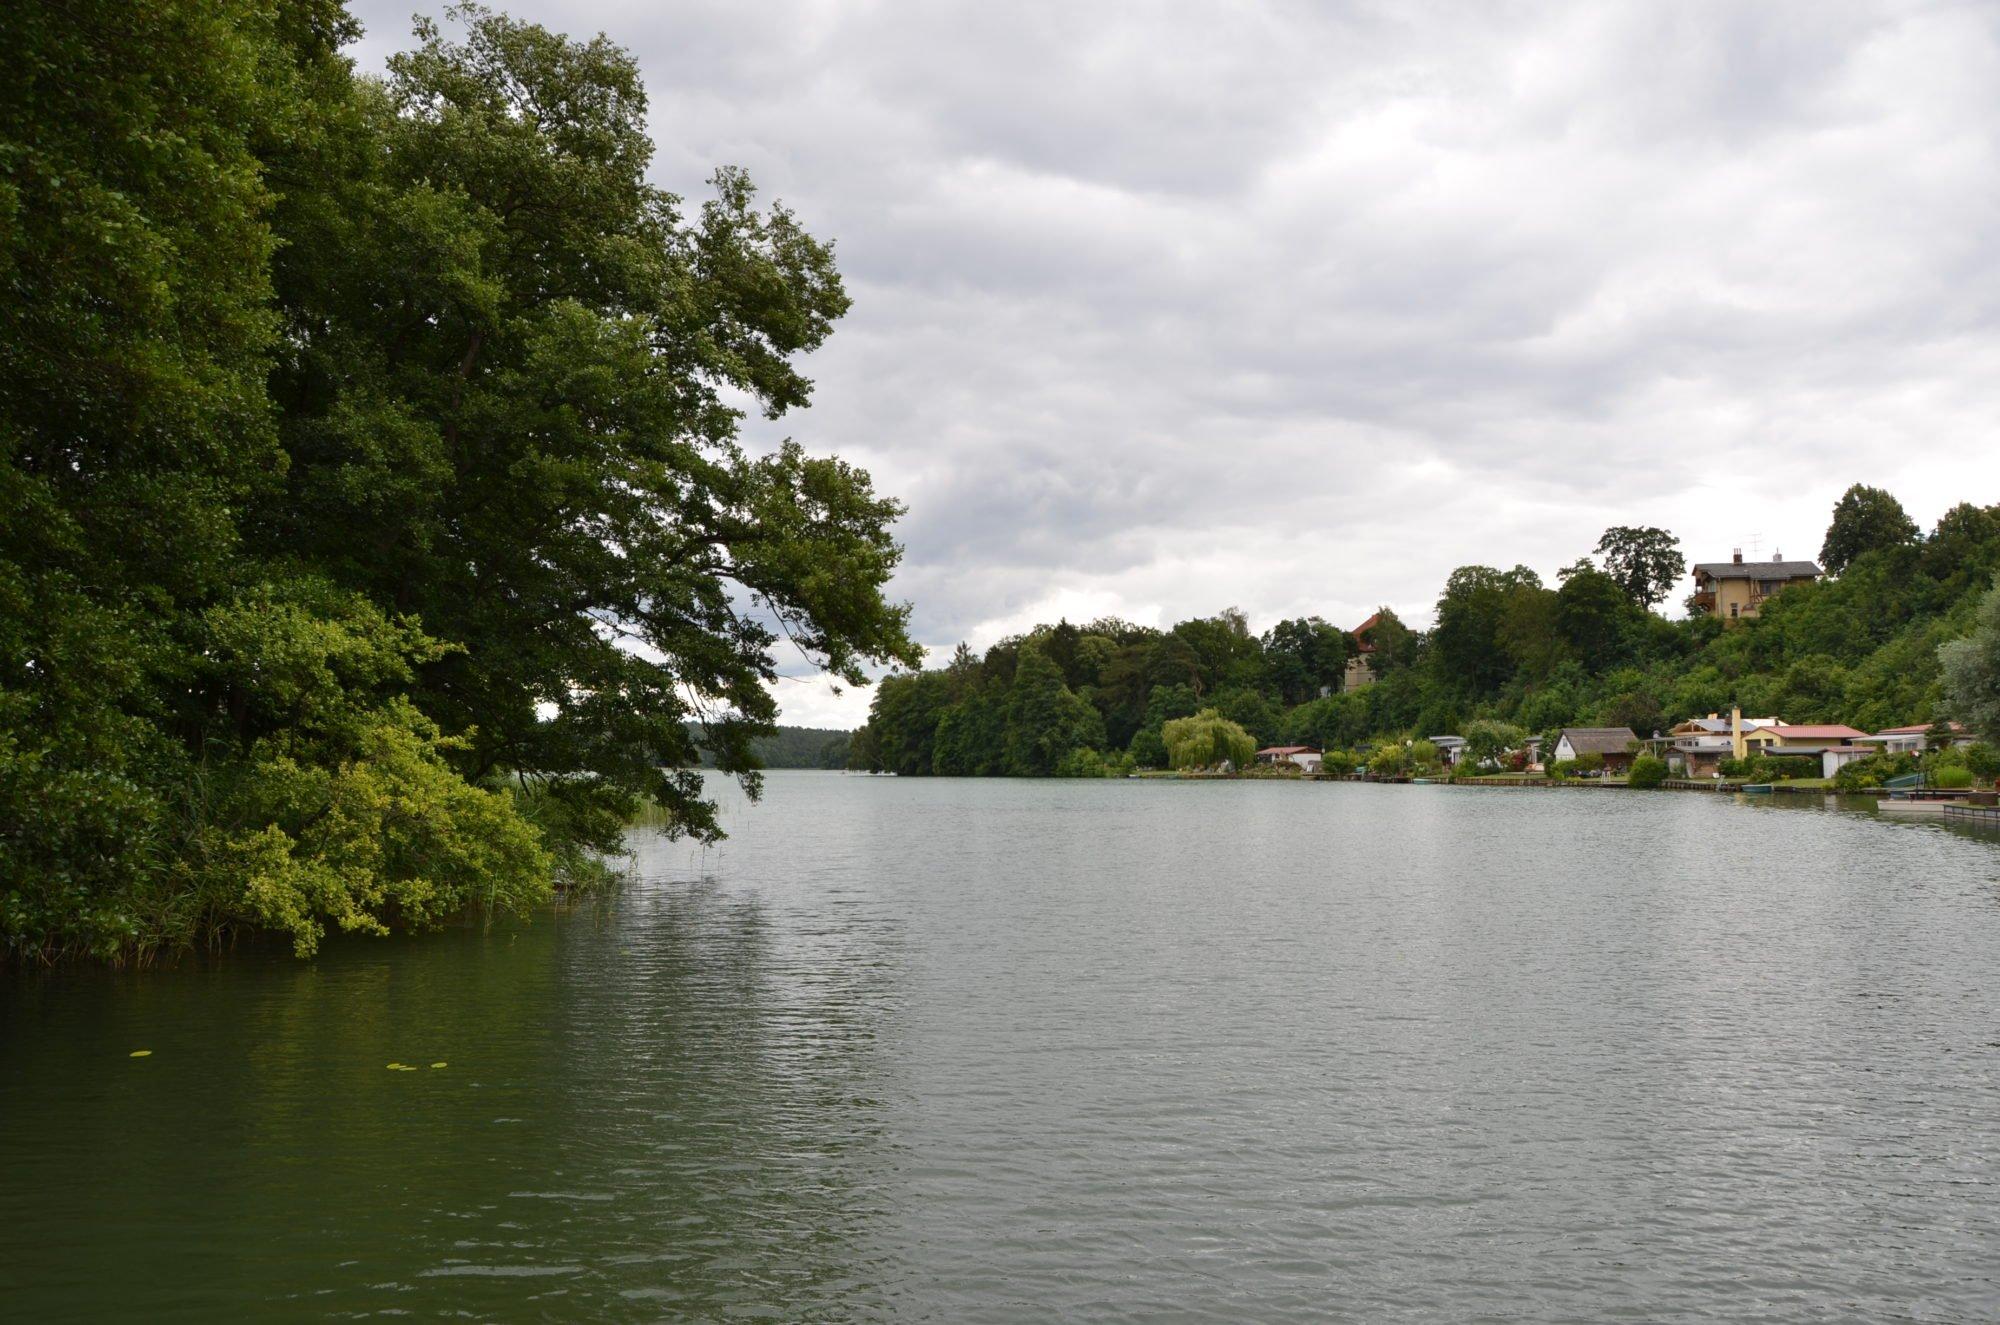 Um die Ecke, von einem See auf den anderen. Im Hintergrund viele Bäume und dazwischen Häuser.